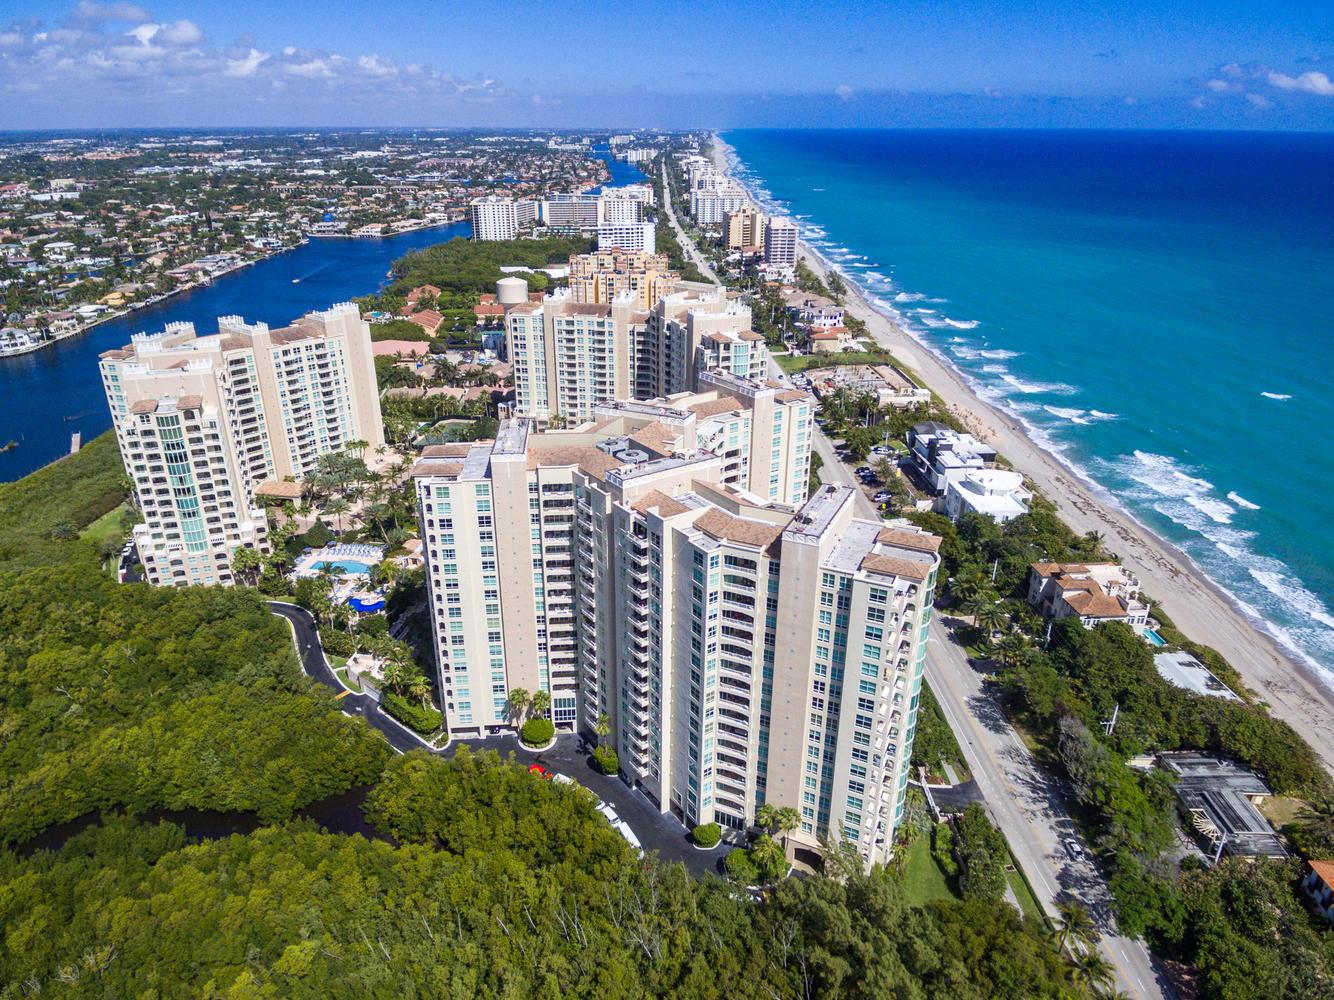 3700 S Ocean Boulevard, 903 - Highland Beach, Florida